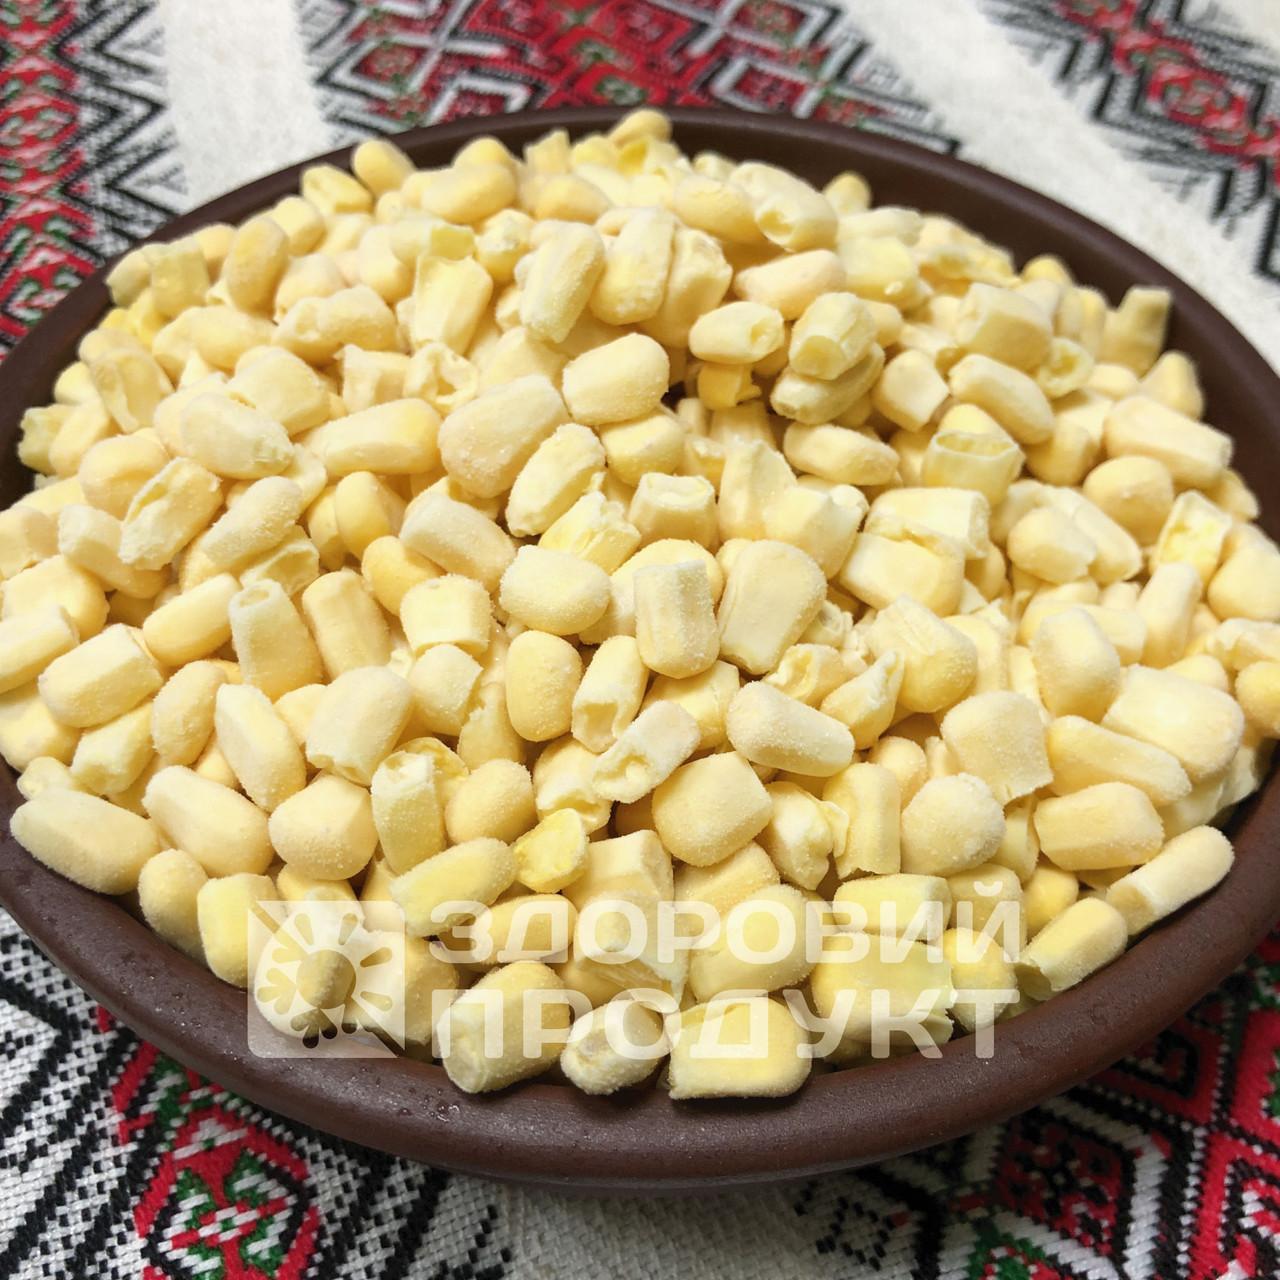 Кукуруза суперсладкая замороженная (Украина)